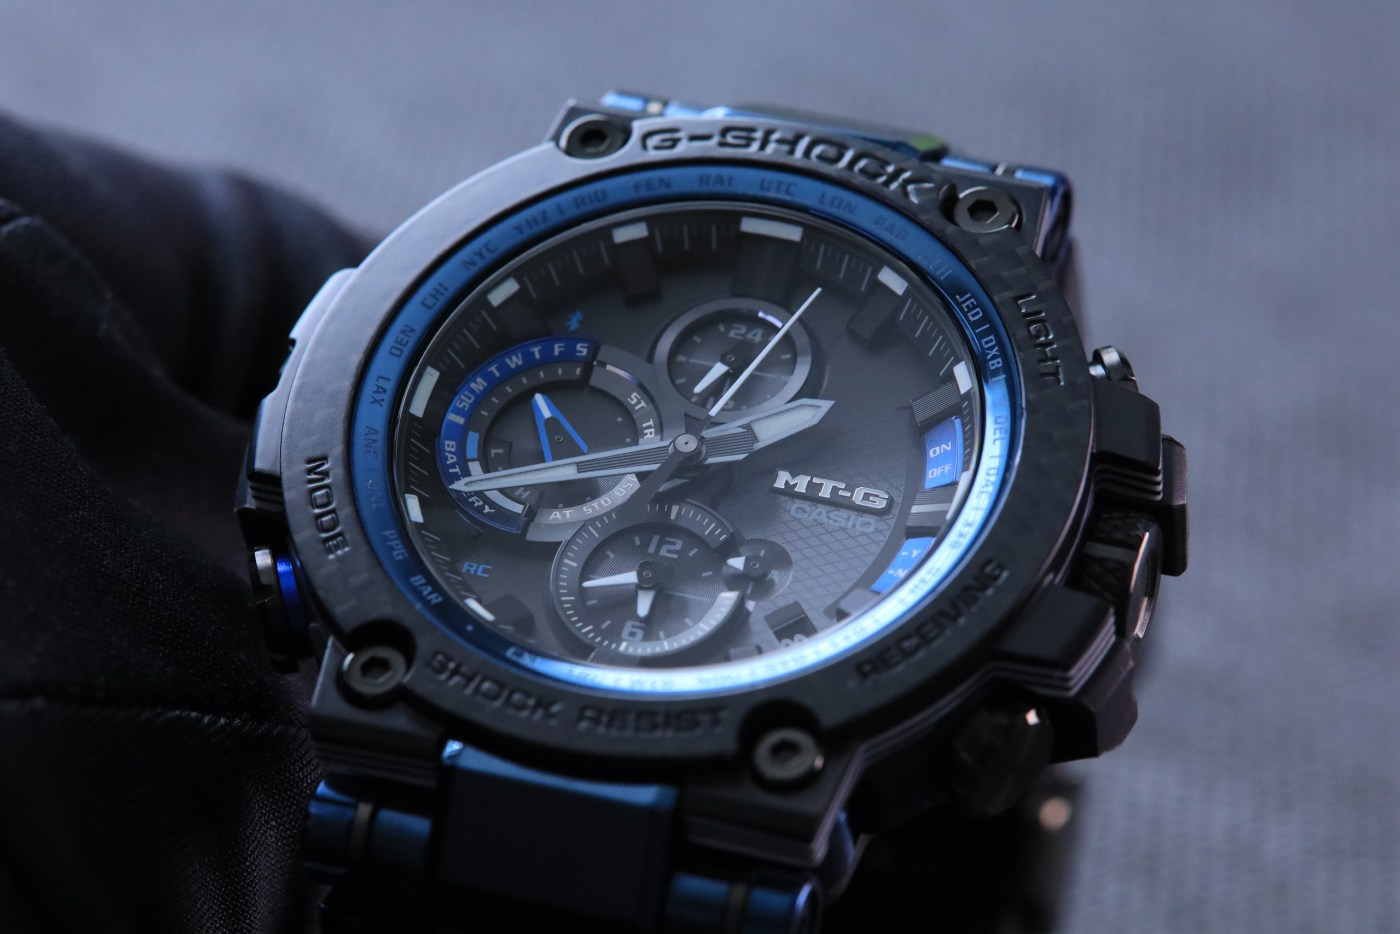 G-Shock MT-G Carbon Fiber MTGB1000XB-1A hands-on